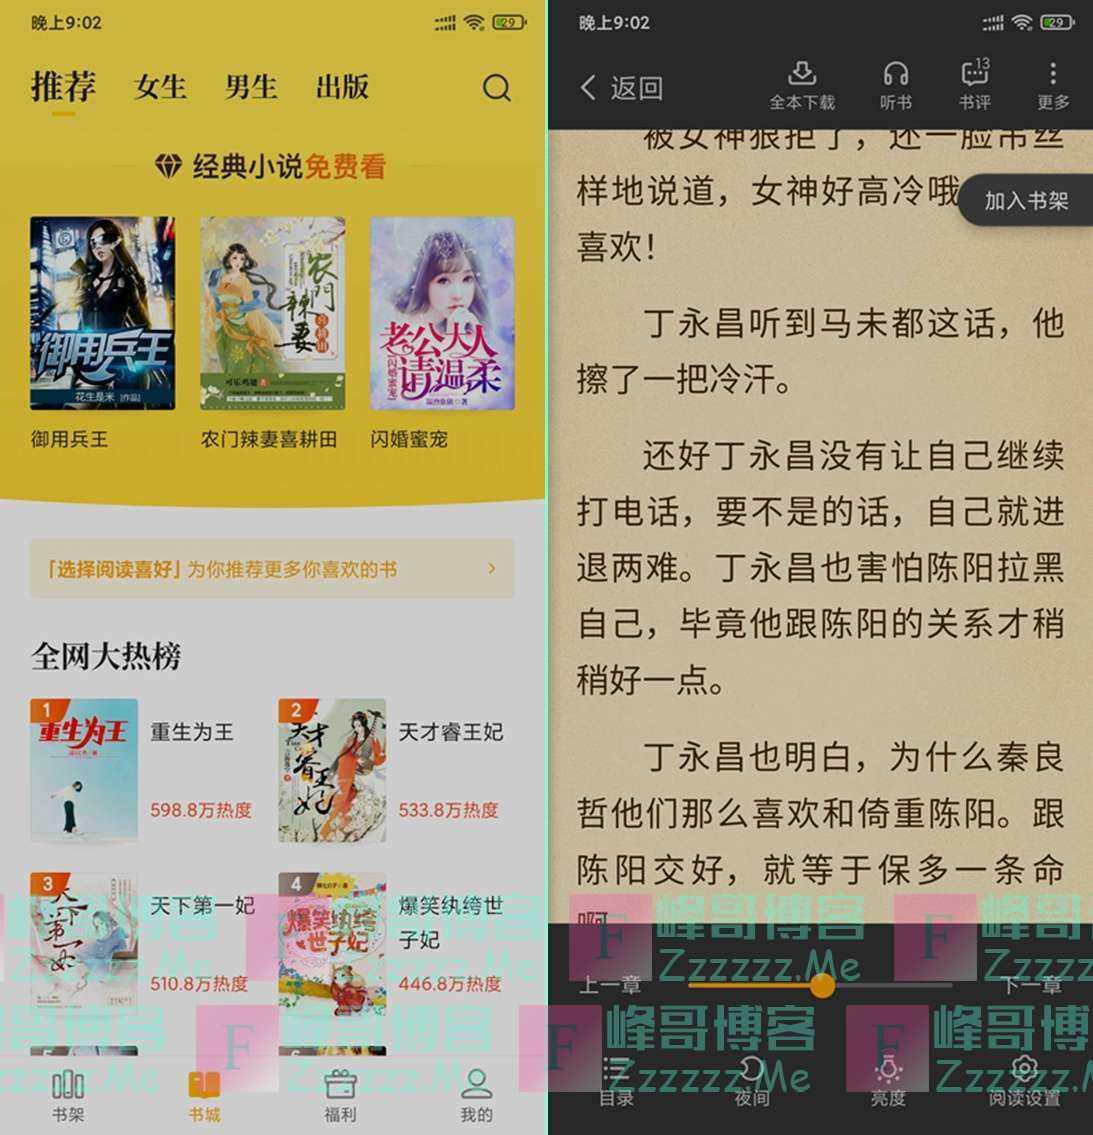 安卓七猫免费小说V5.0 最新去广告绿色版下载